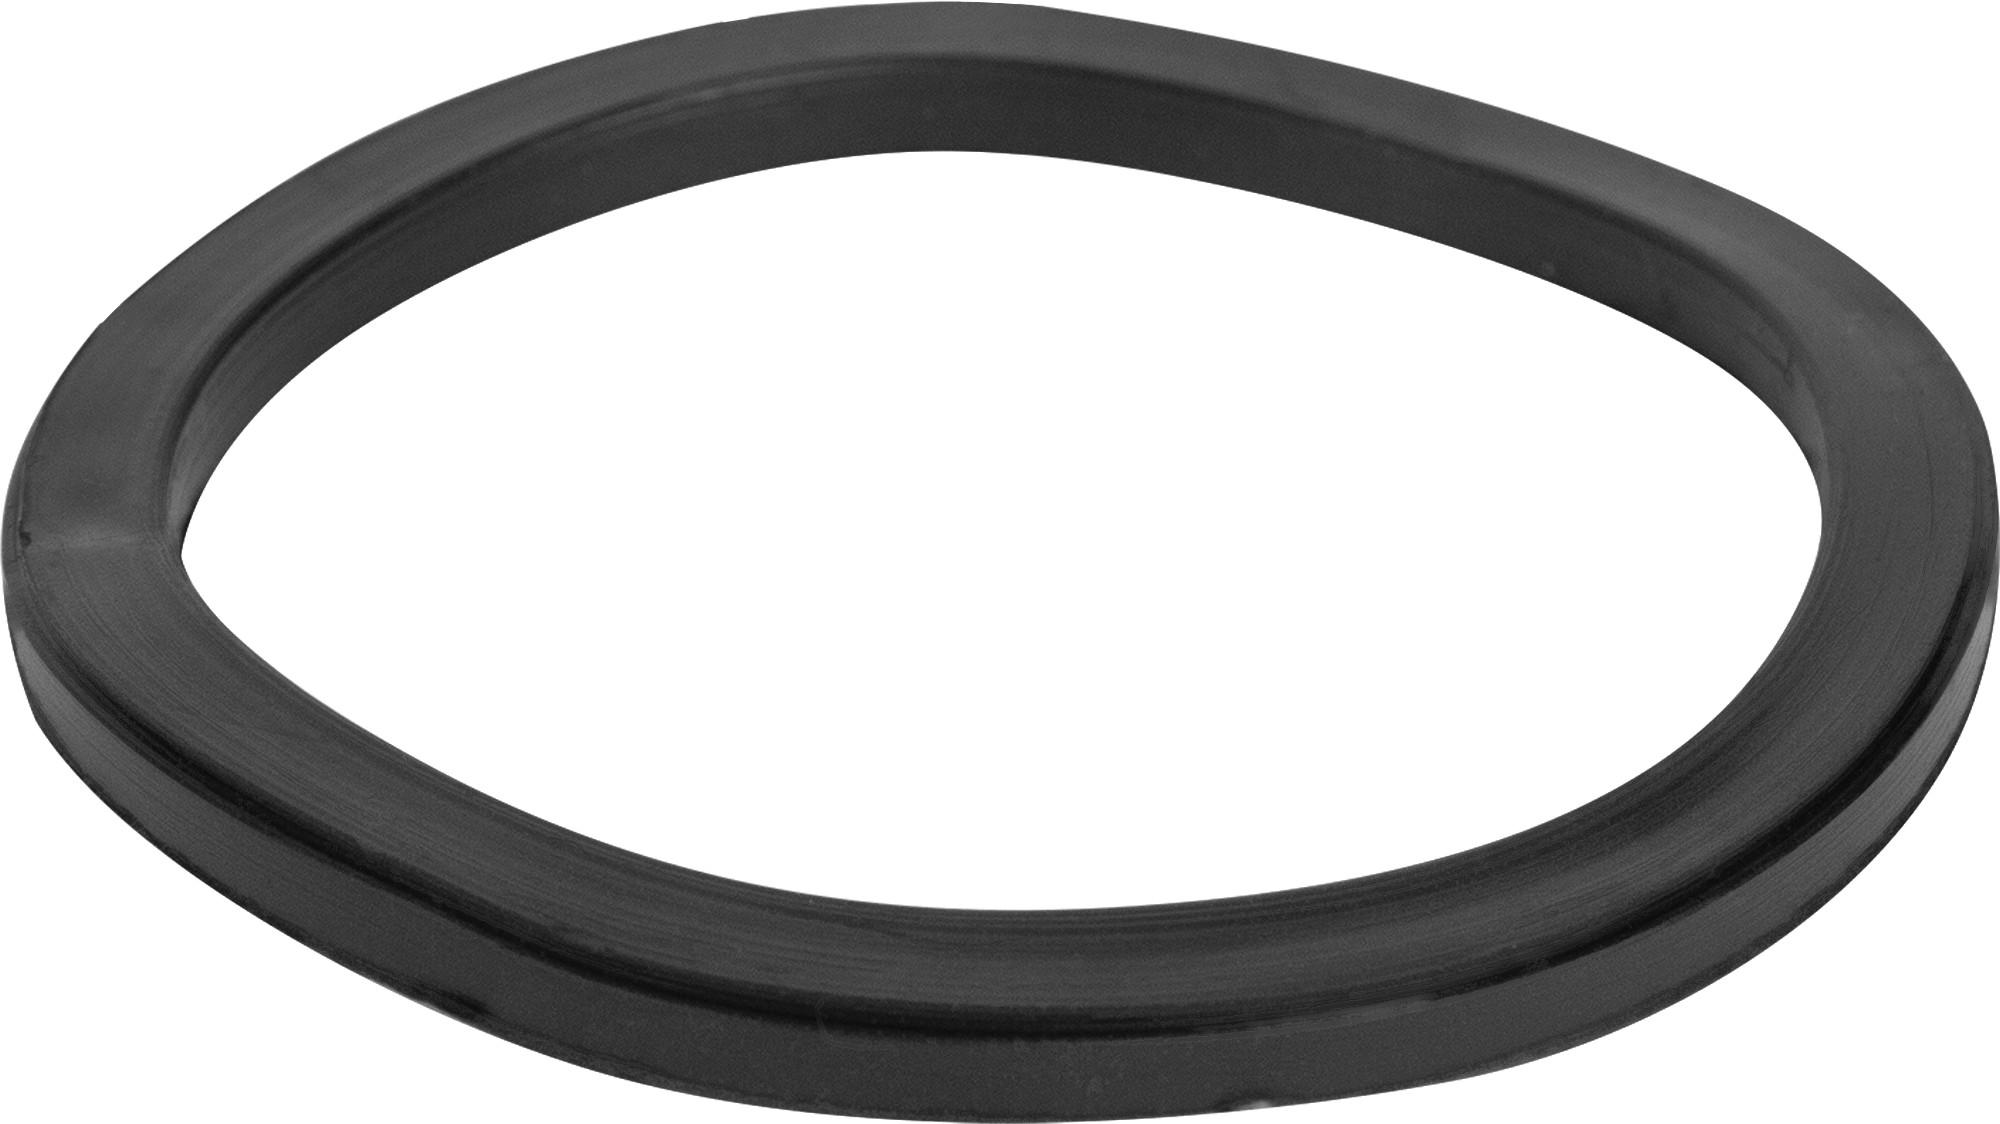 Уплотнительное кольцо Симтек для сифона 55х65х4 мм.